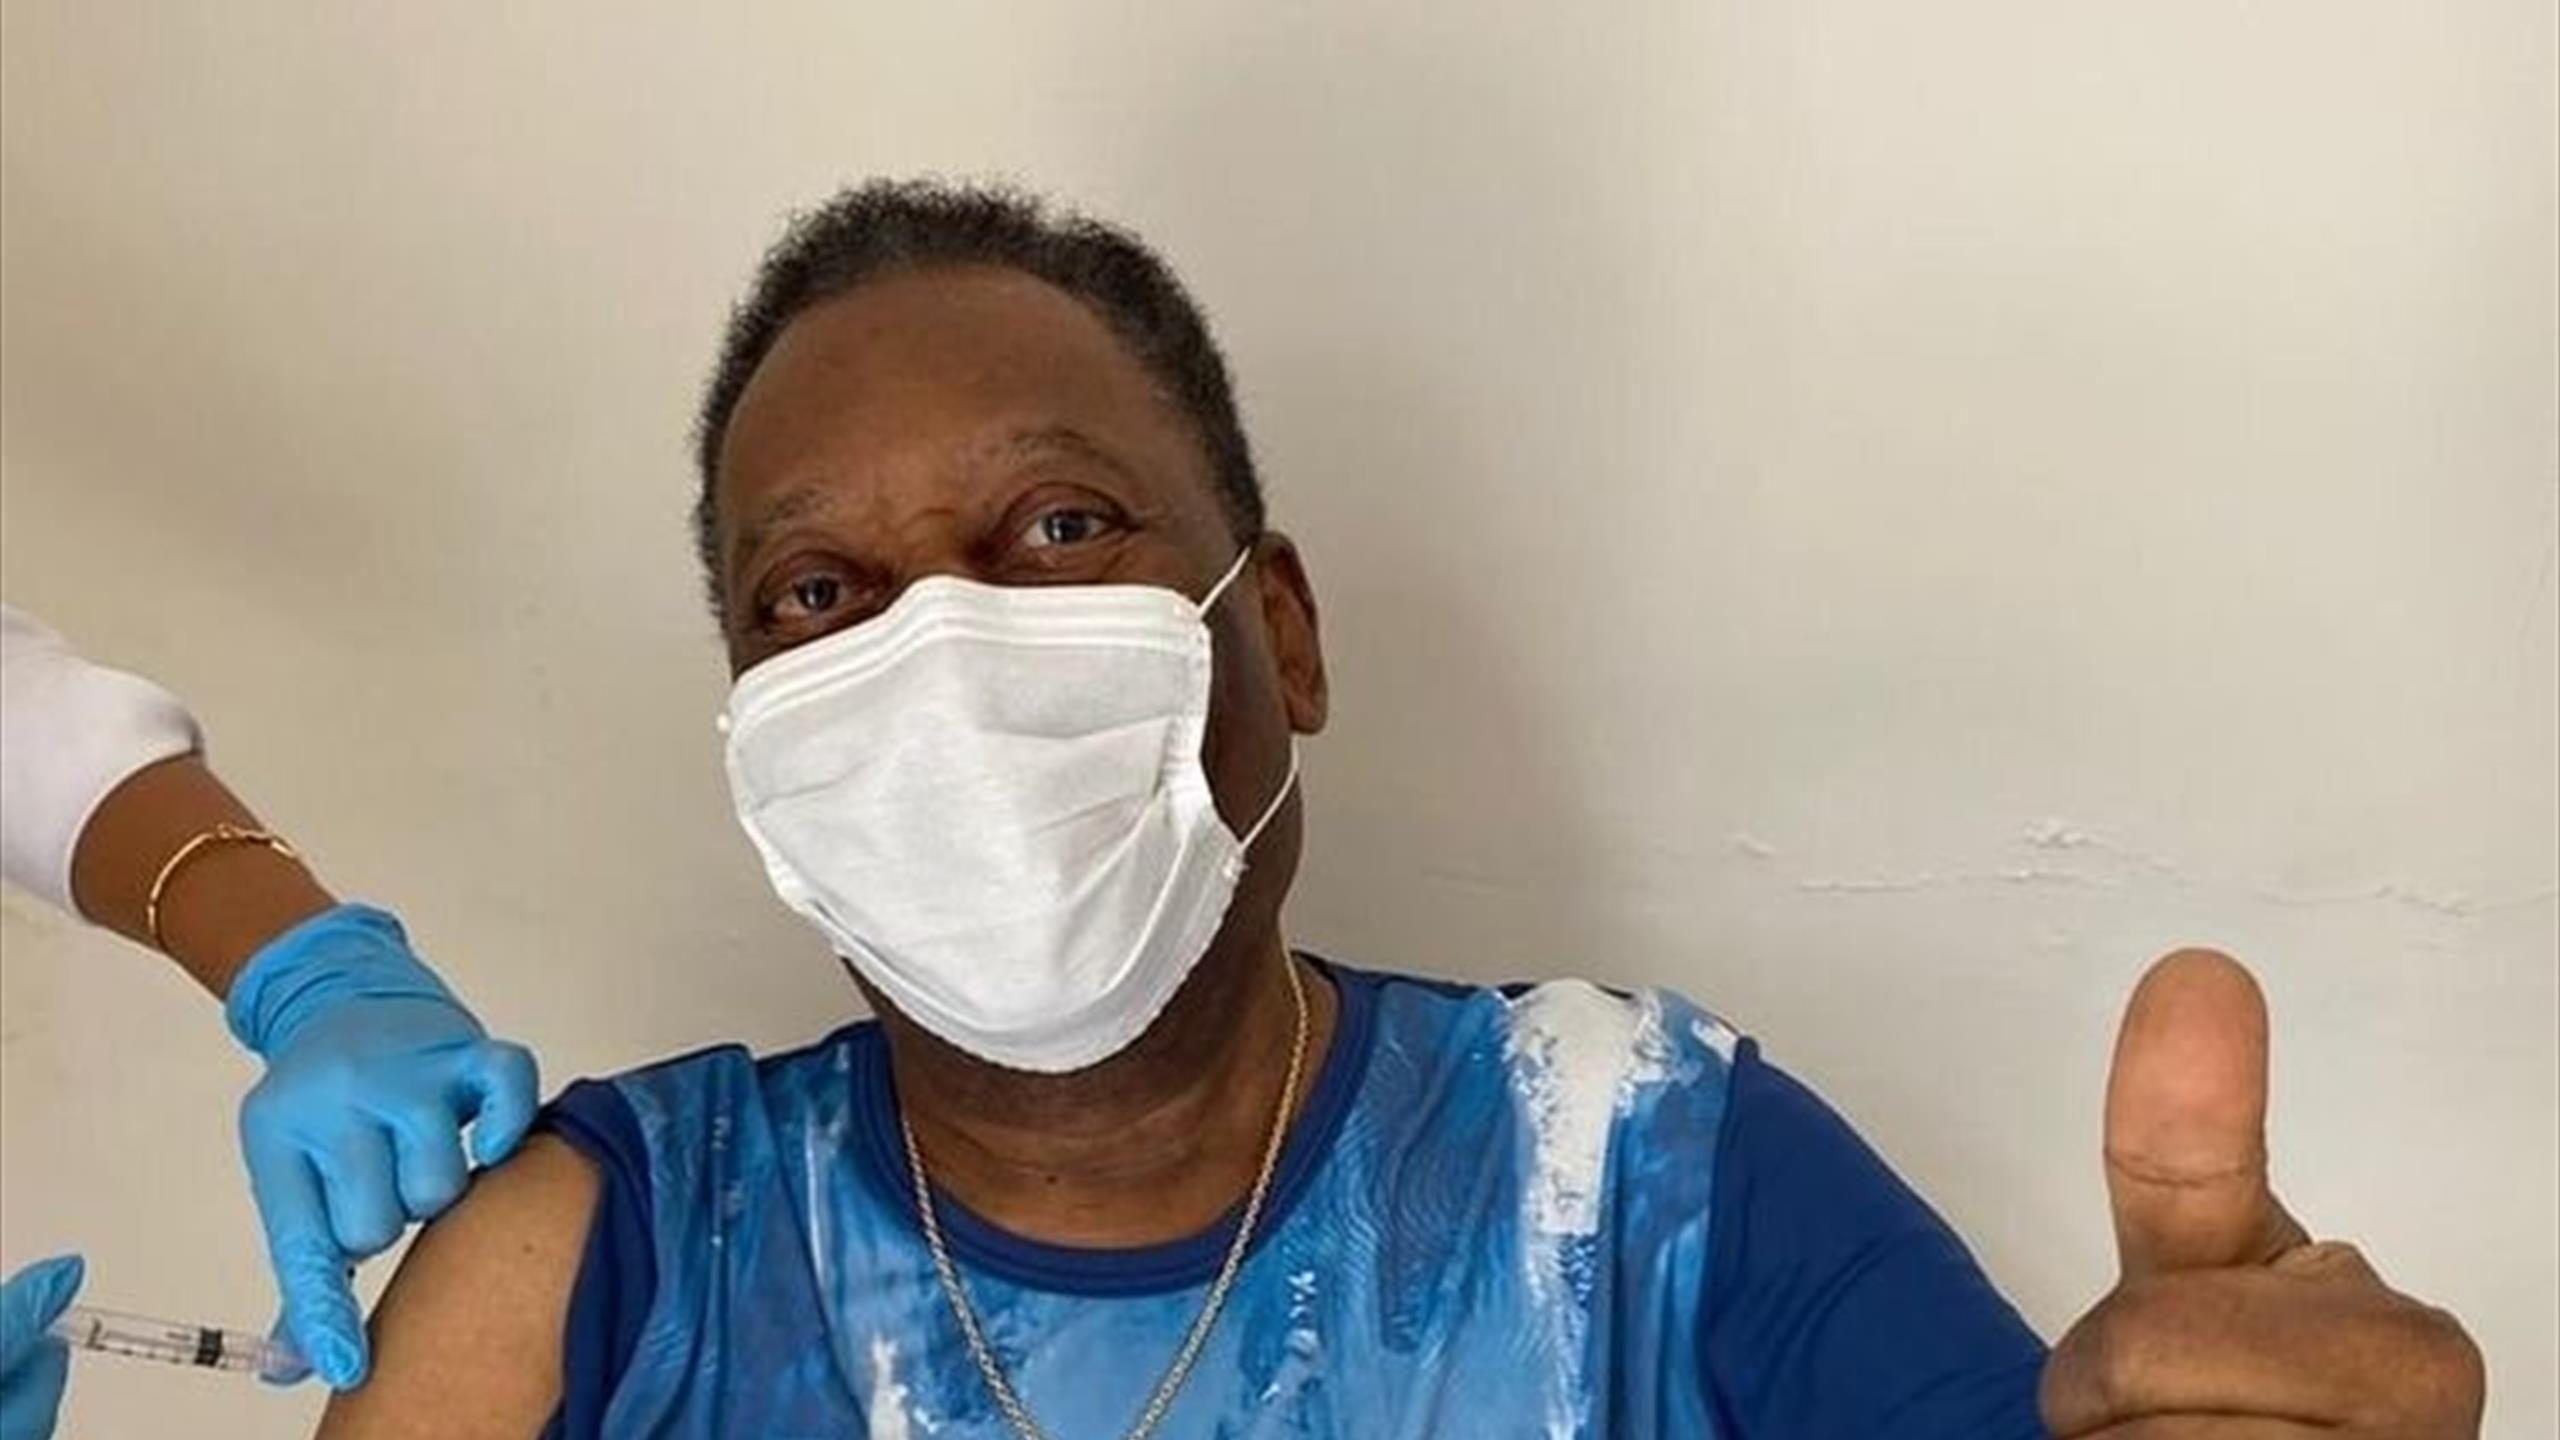 Pelé : Aujourd'hui a été un jour inoubliable. J'ai été vacciné !